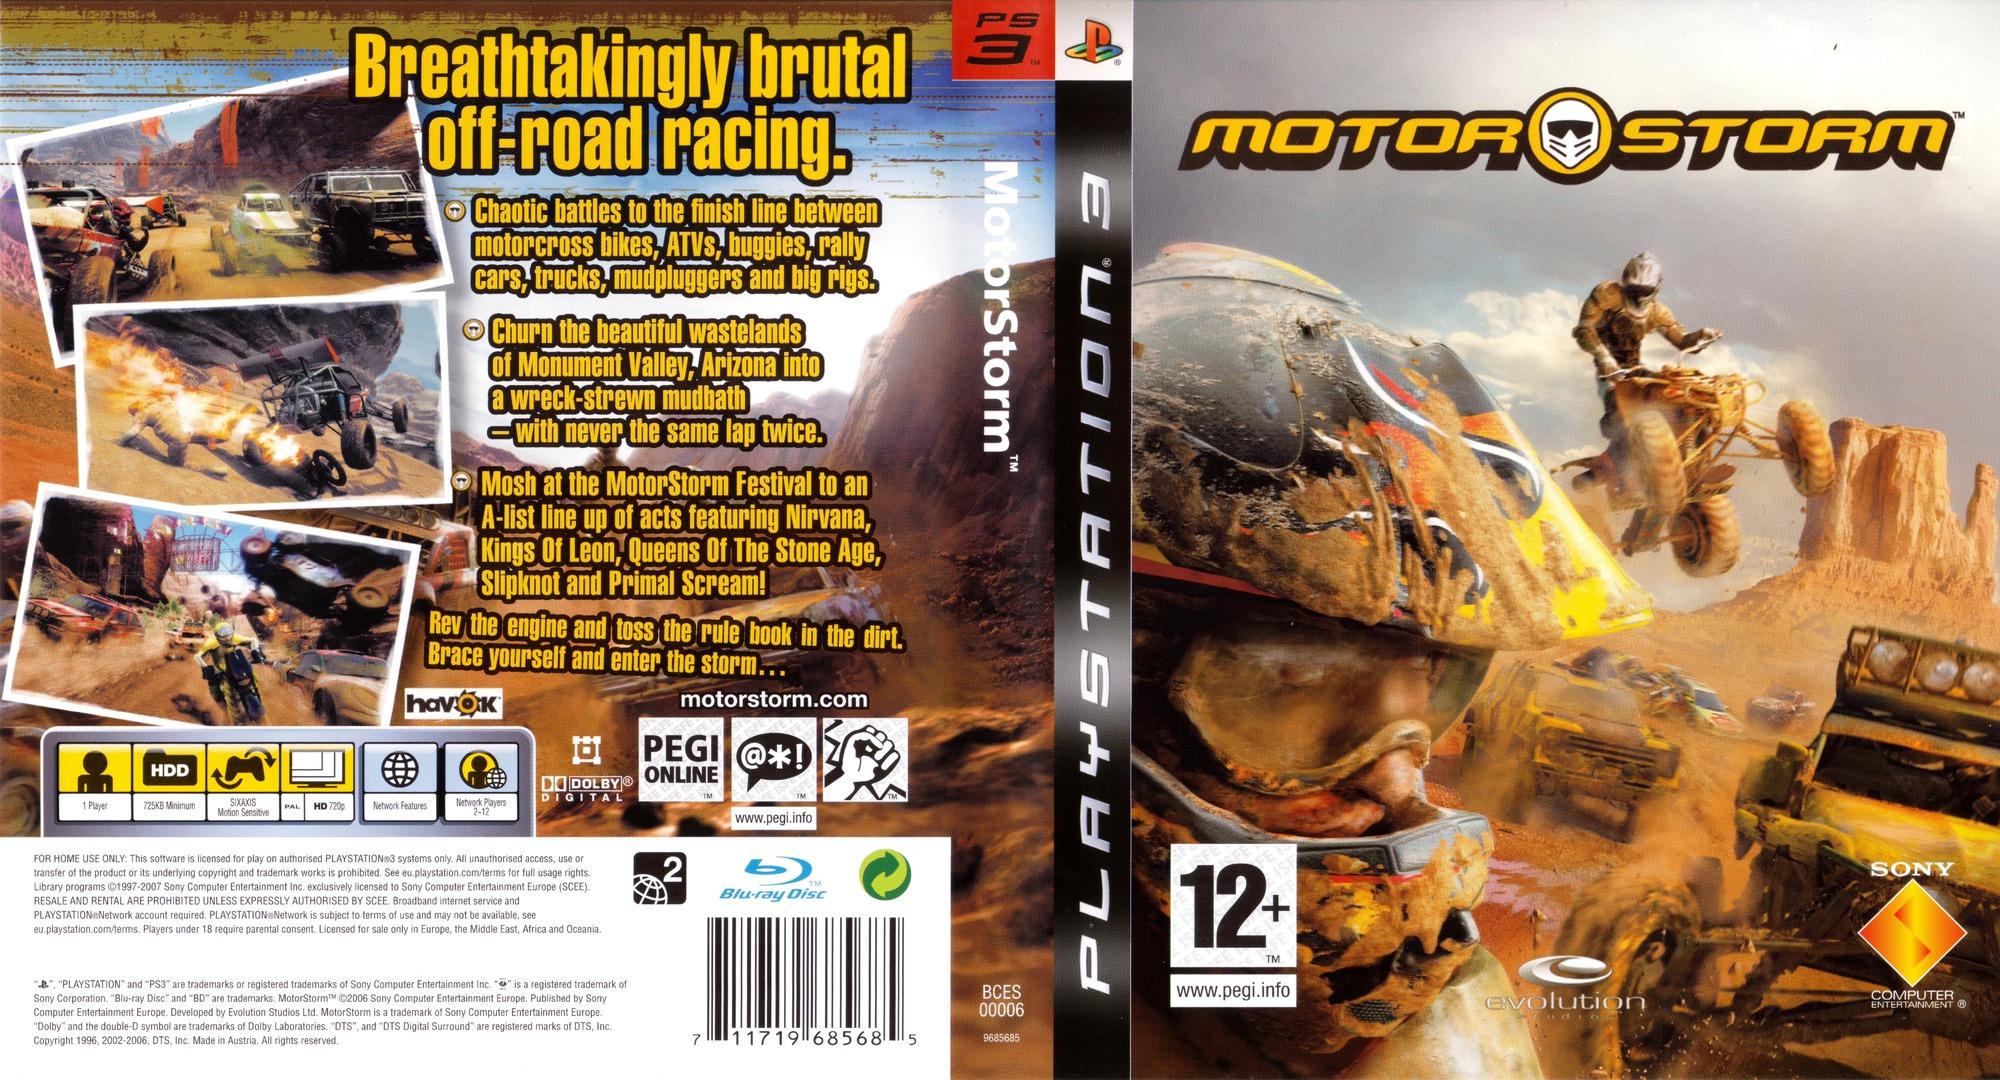 MotorStorm PS3 coverfullHQ (BCES00006)